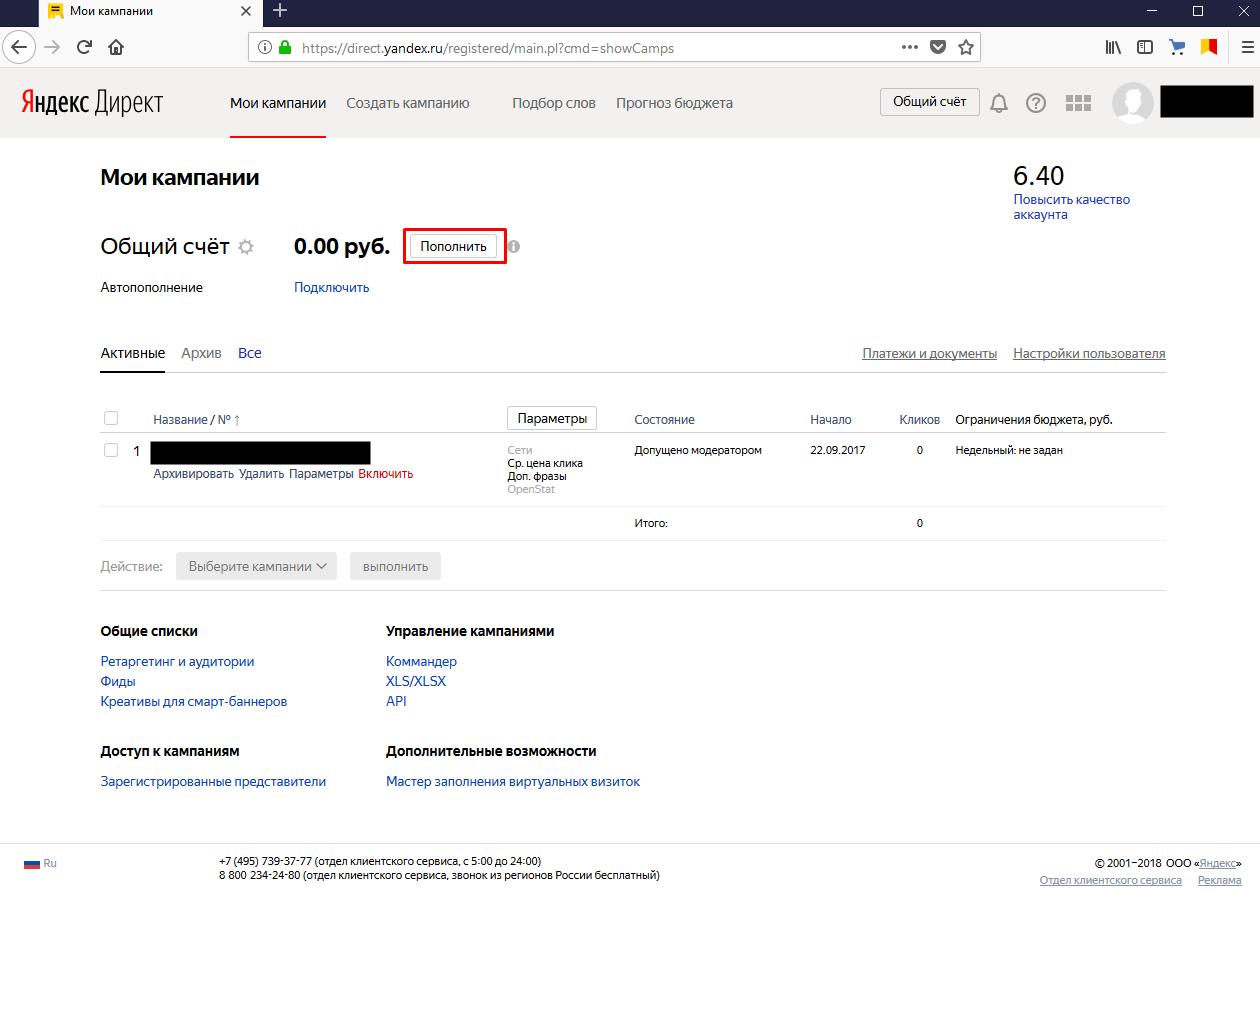 Как оплатить Яндекс.Директ, если вы юридическое лицо